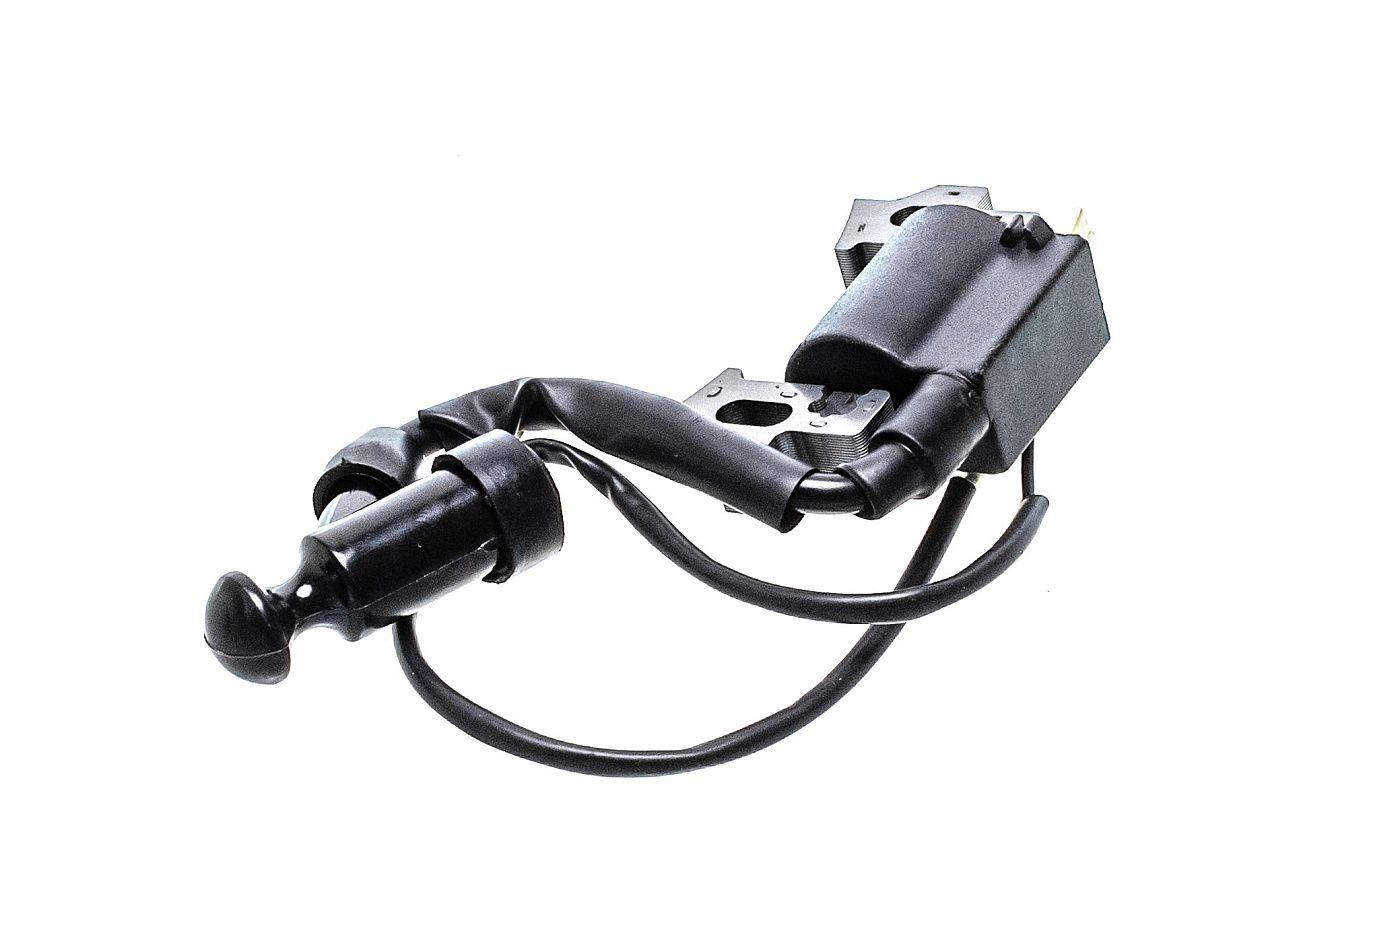 Zapalování Honda GXV120 GXV140 GXV160